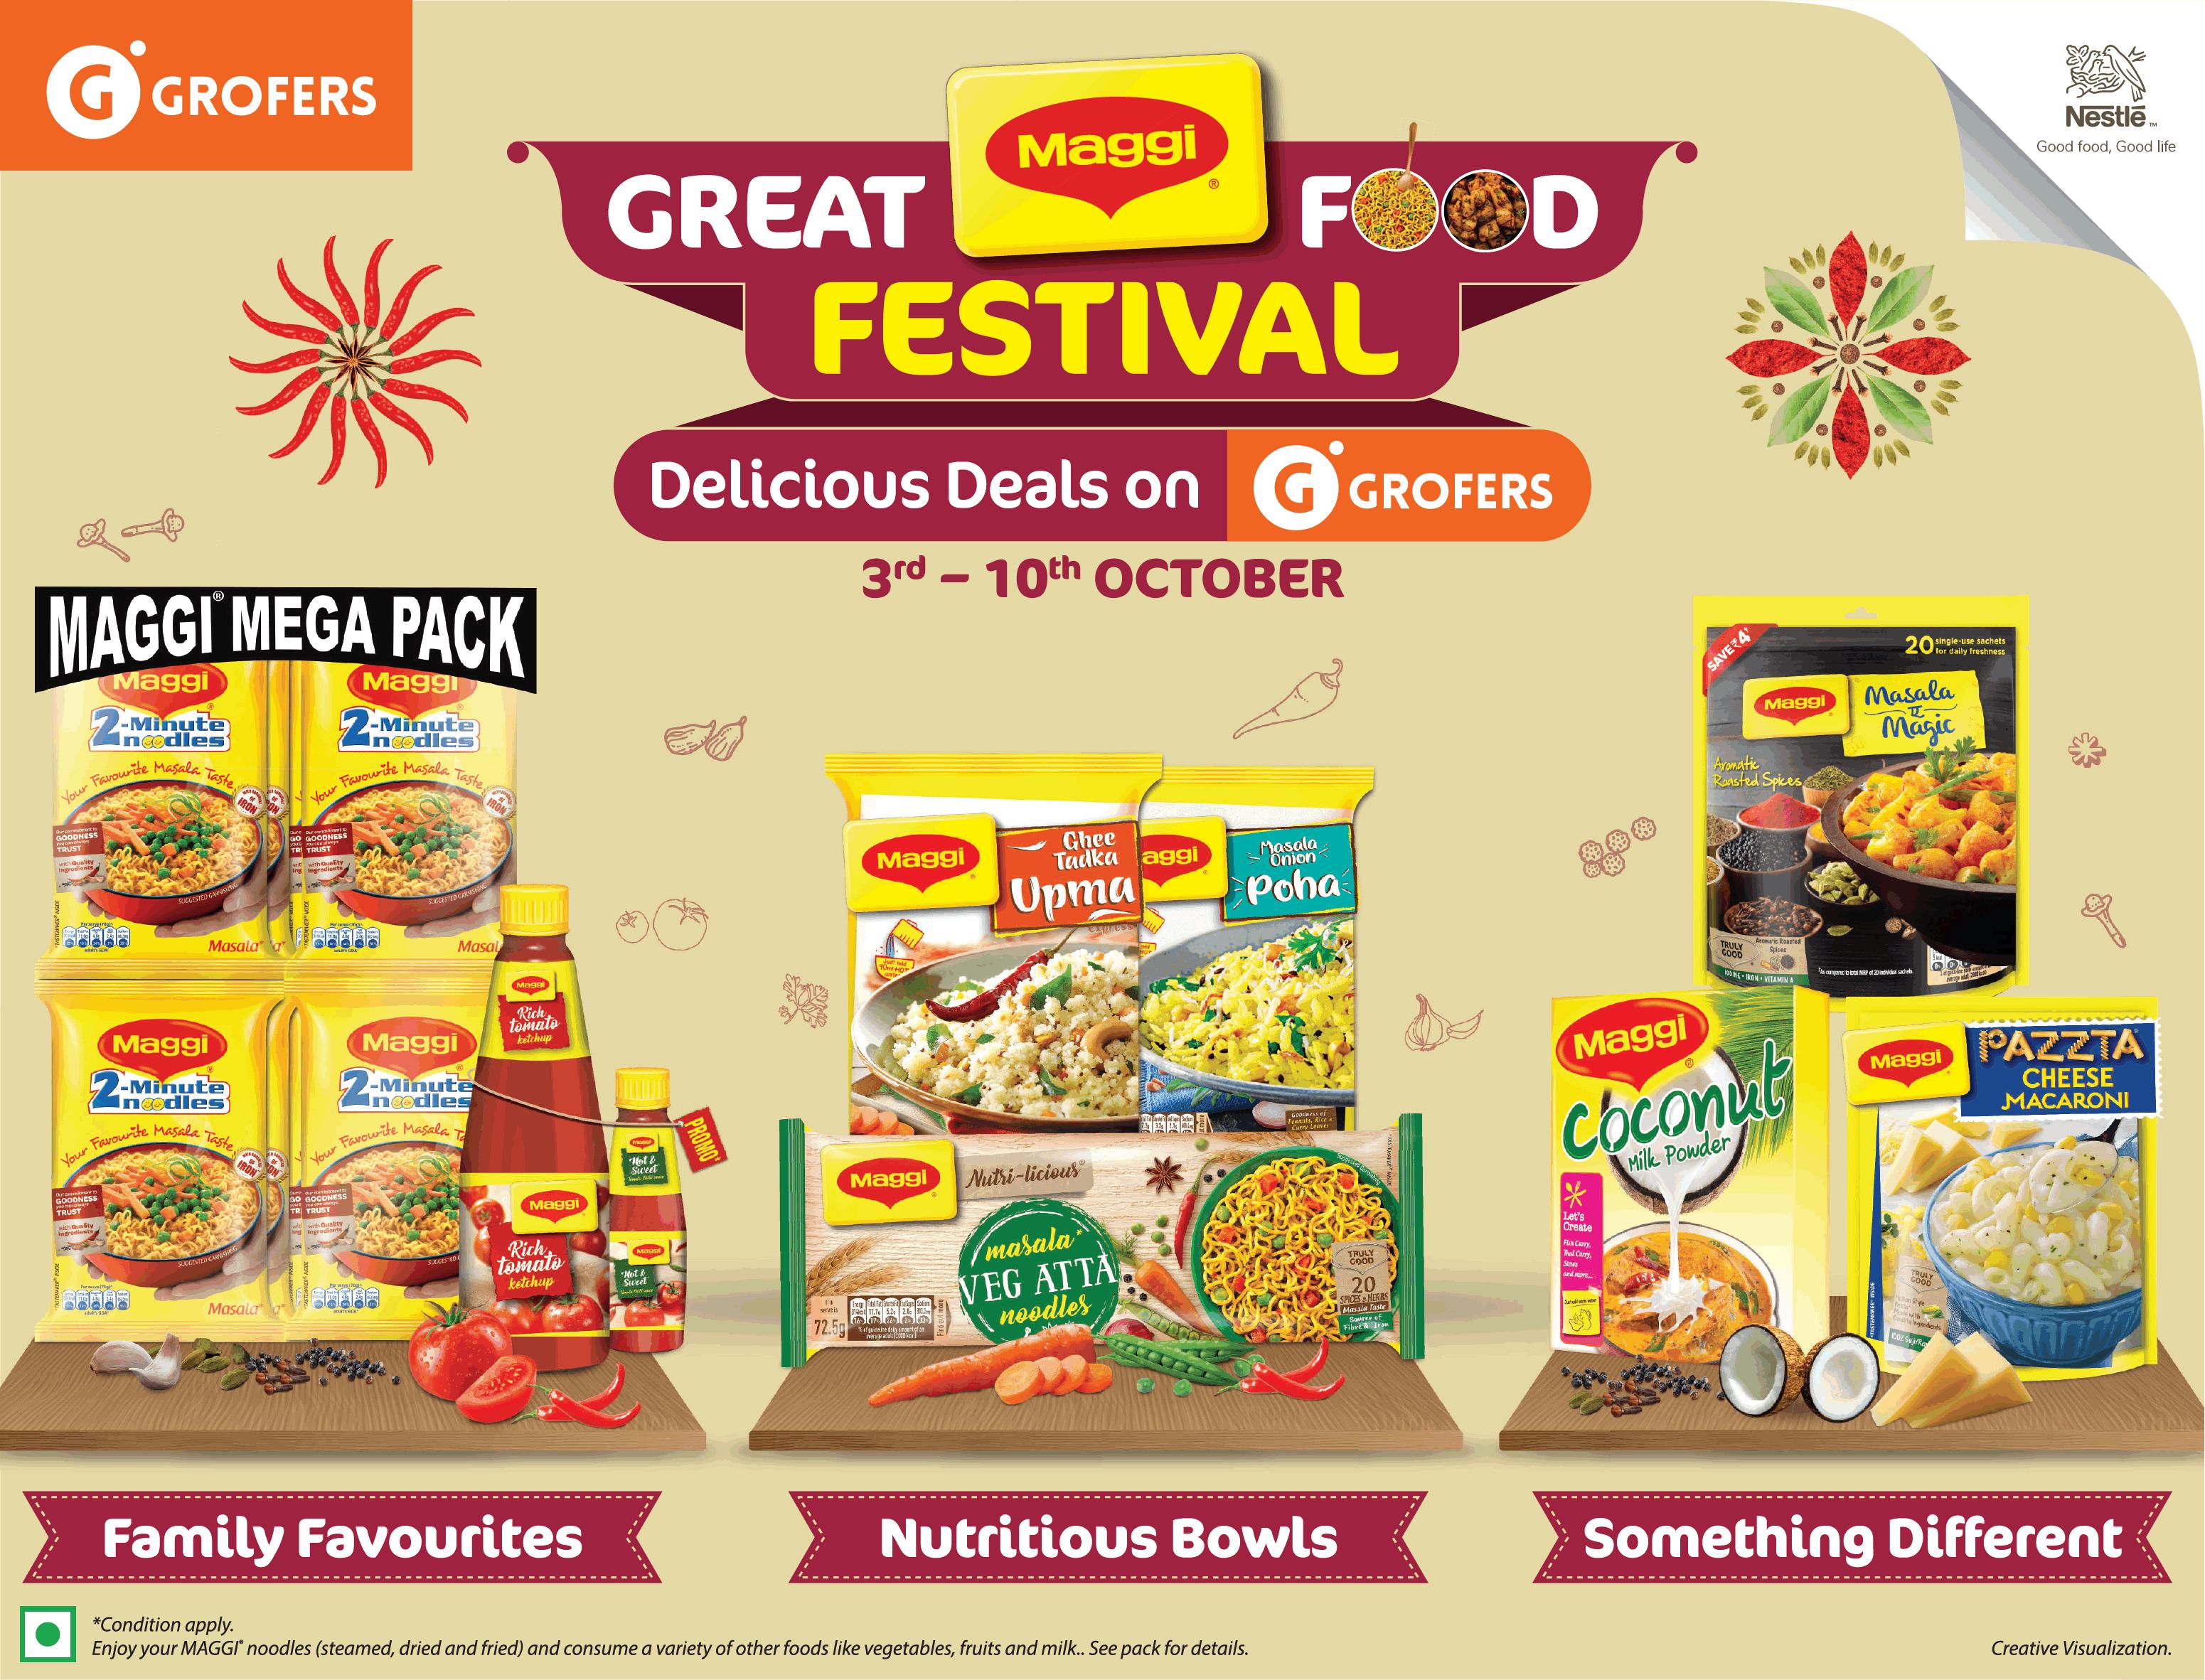 grofers-maggi-great-food-festival-ad-toi-bangalore-4-10-2020